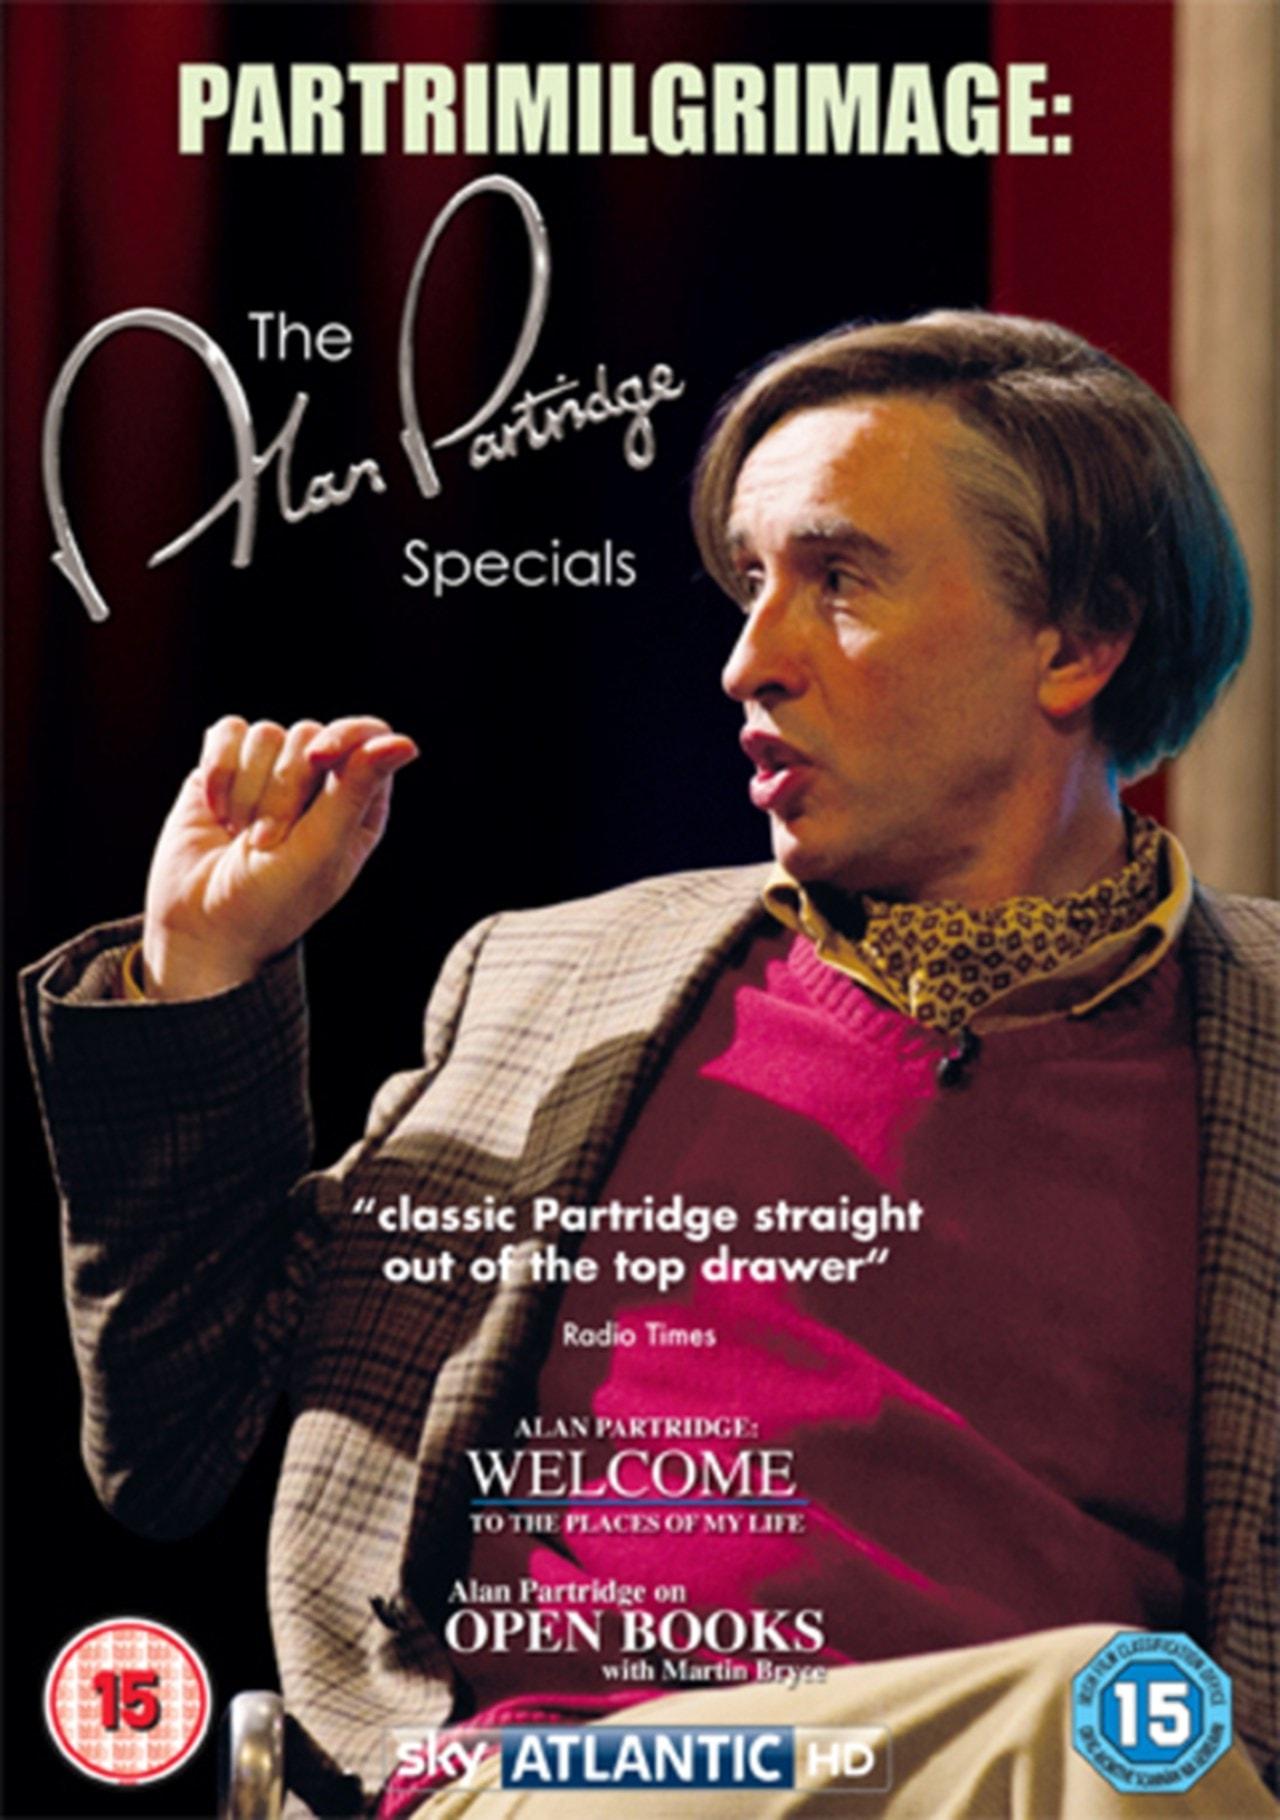 Alan Partridge: Partrimilgrimage - The Specials - 1